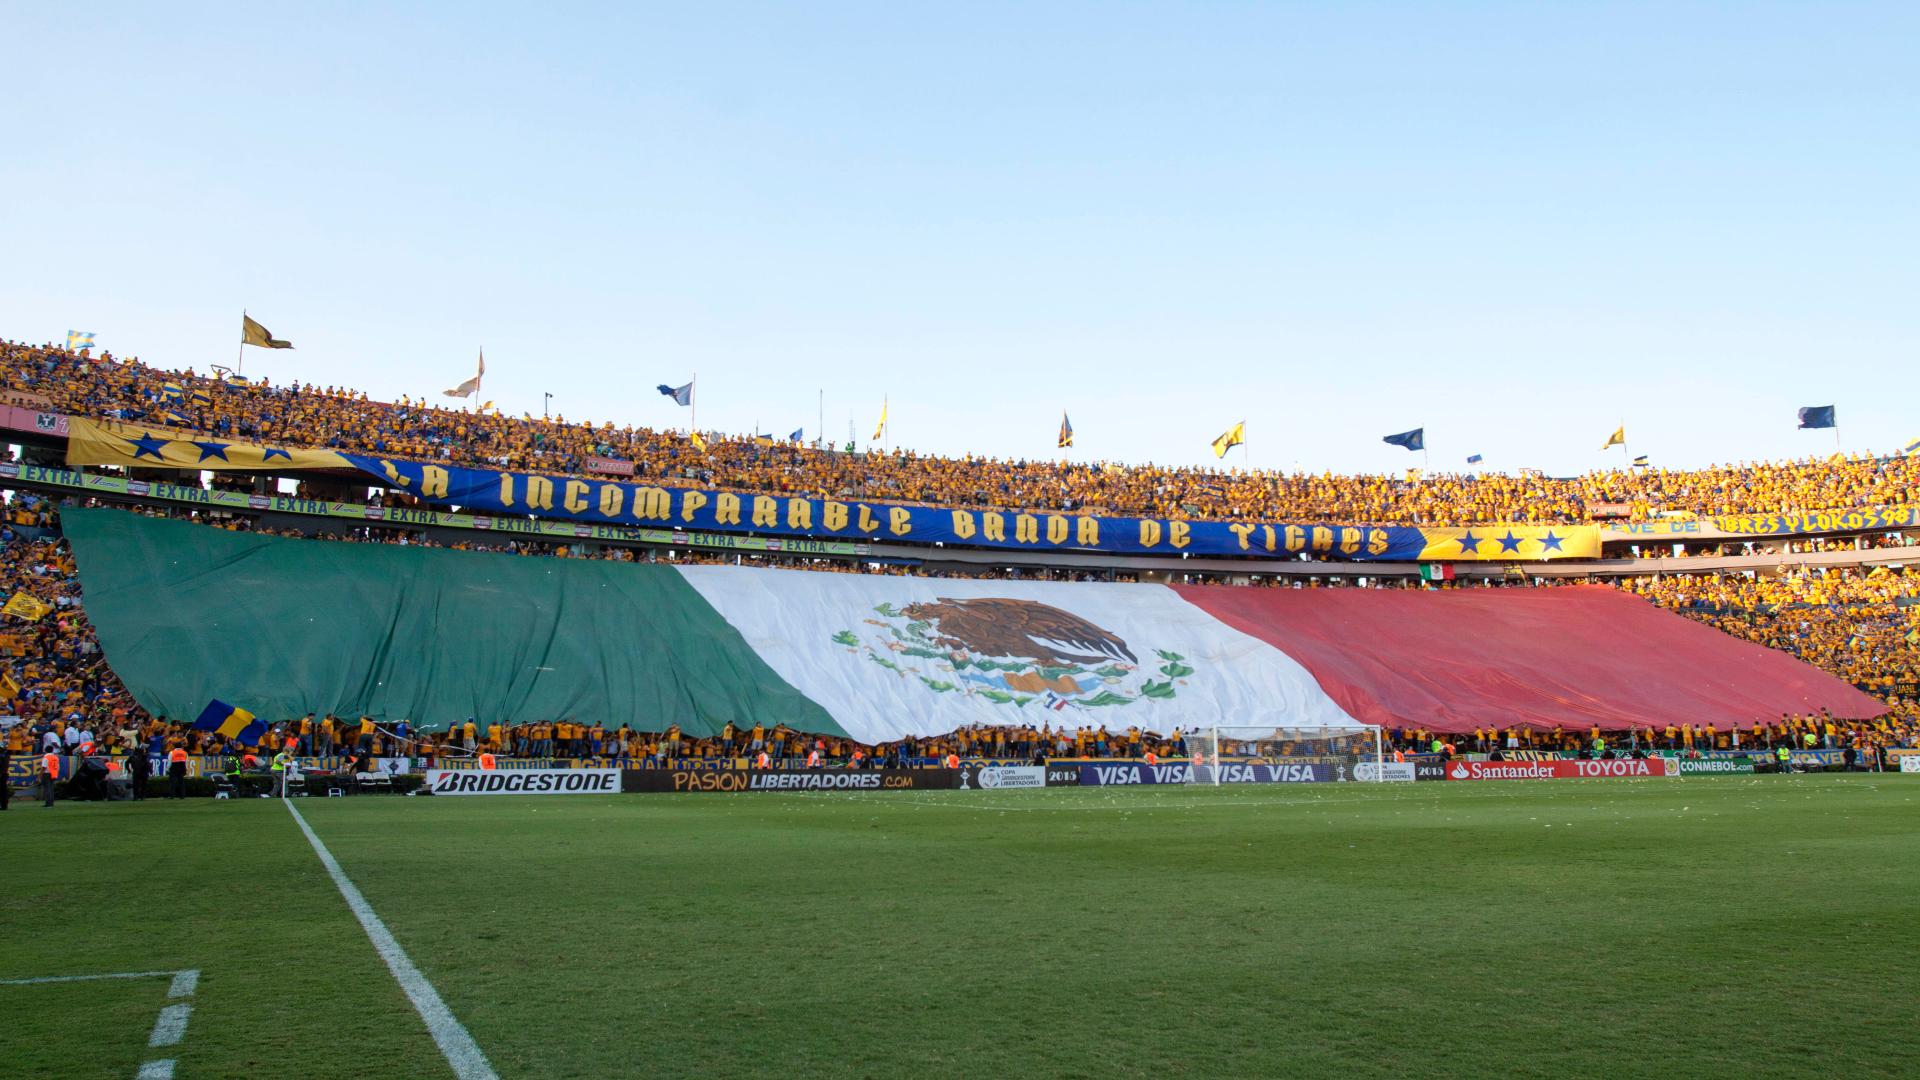 Aficionados de Tigres muestran una bandera de México en la final de la Copa Libertadores de 2015 (Foto: Cuartoscuro)